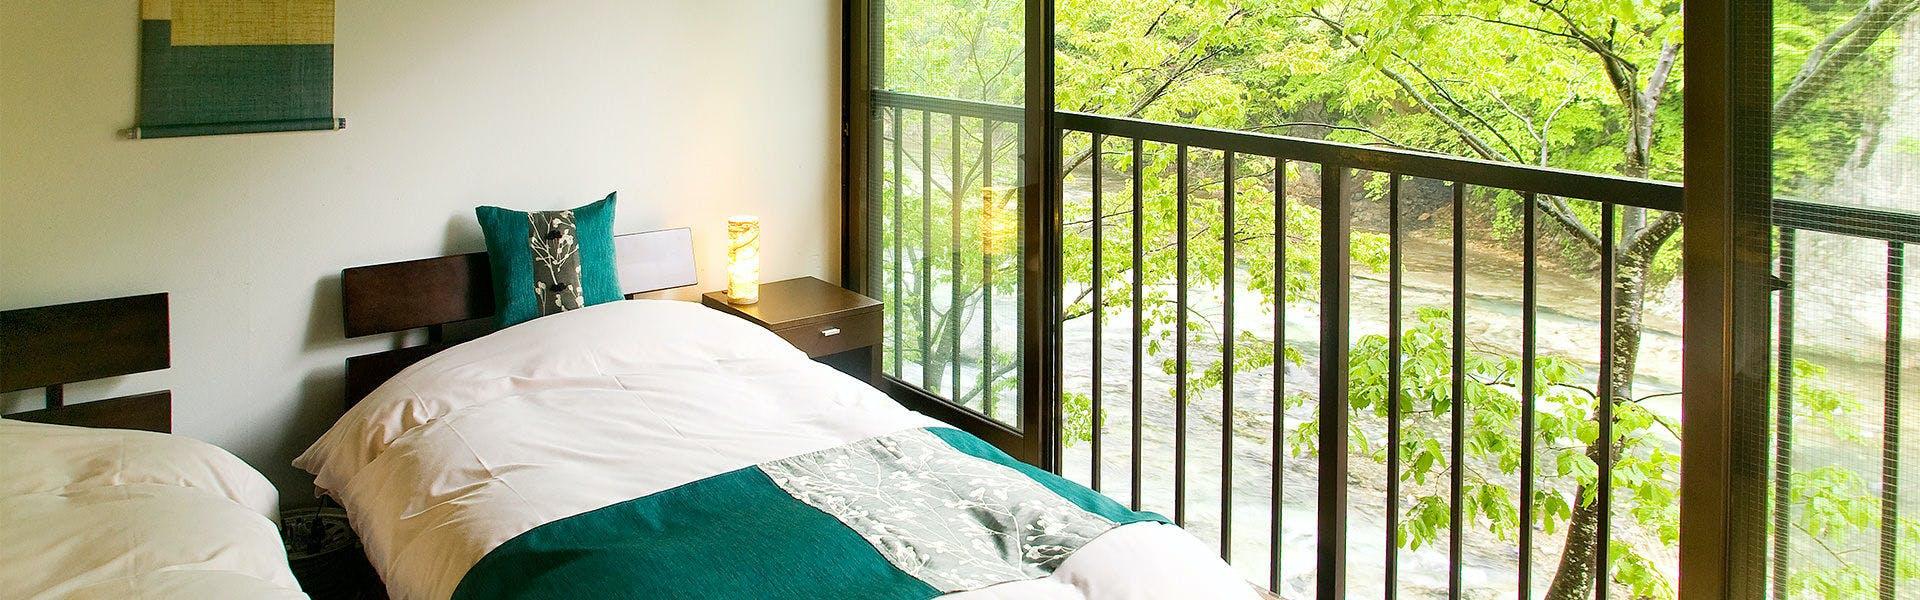 記念日におすすめのホテル・塩原温泉 人・季・想をつむぐ宿 彩つむぎの写真2